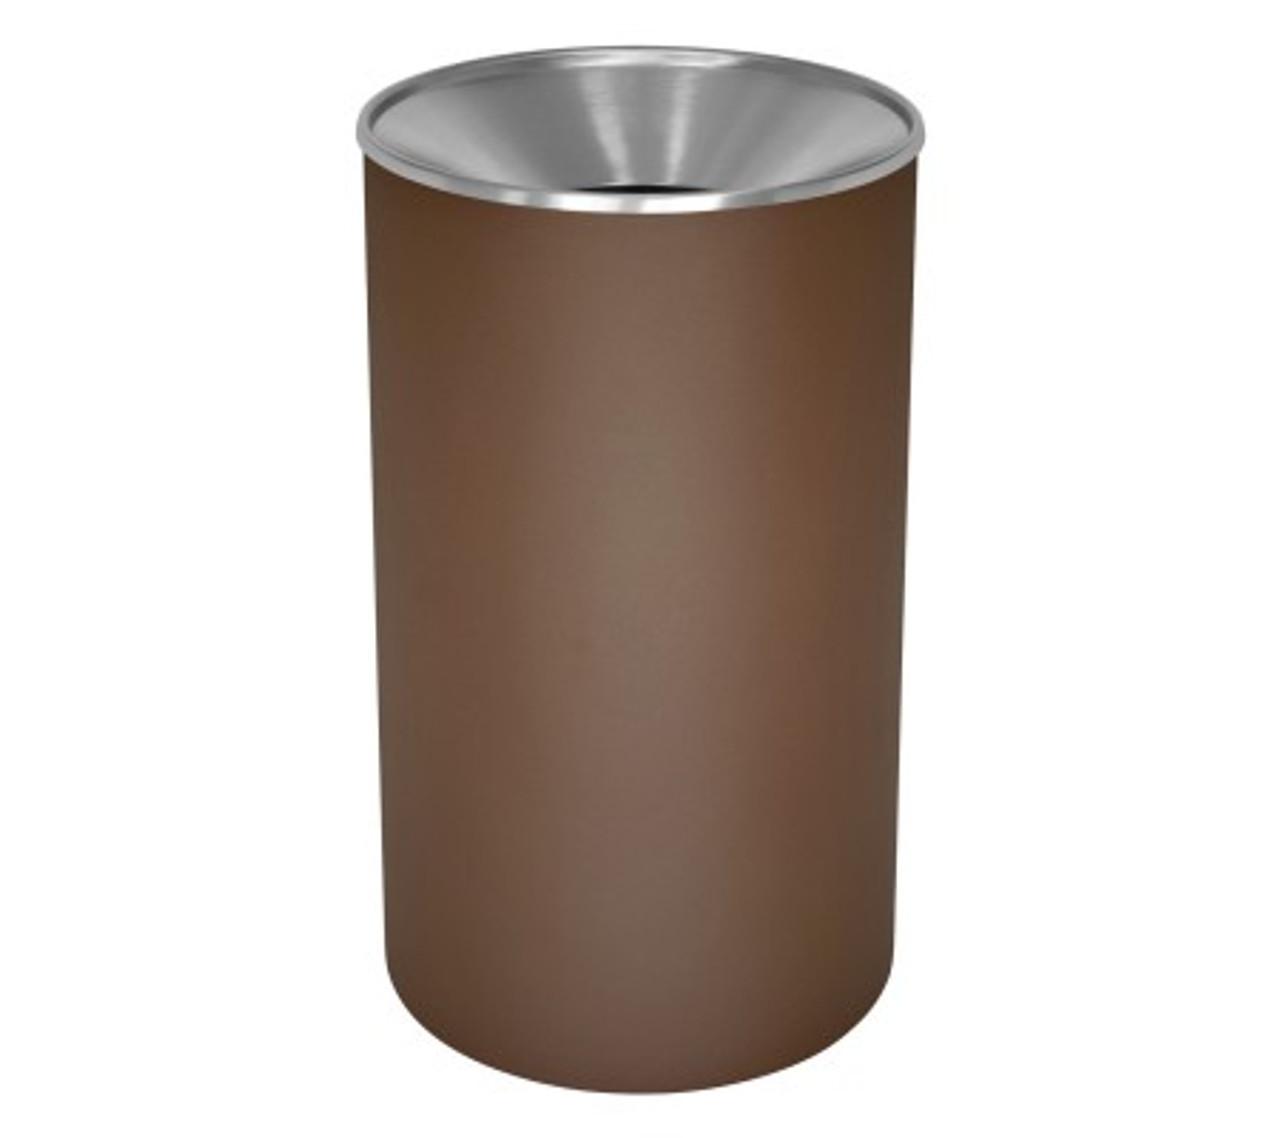 33 Gallon Heavy Duty Metal Trash Can WR-33F BRX BROWN